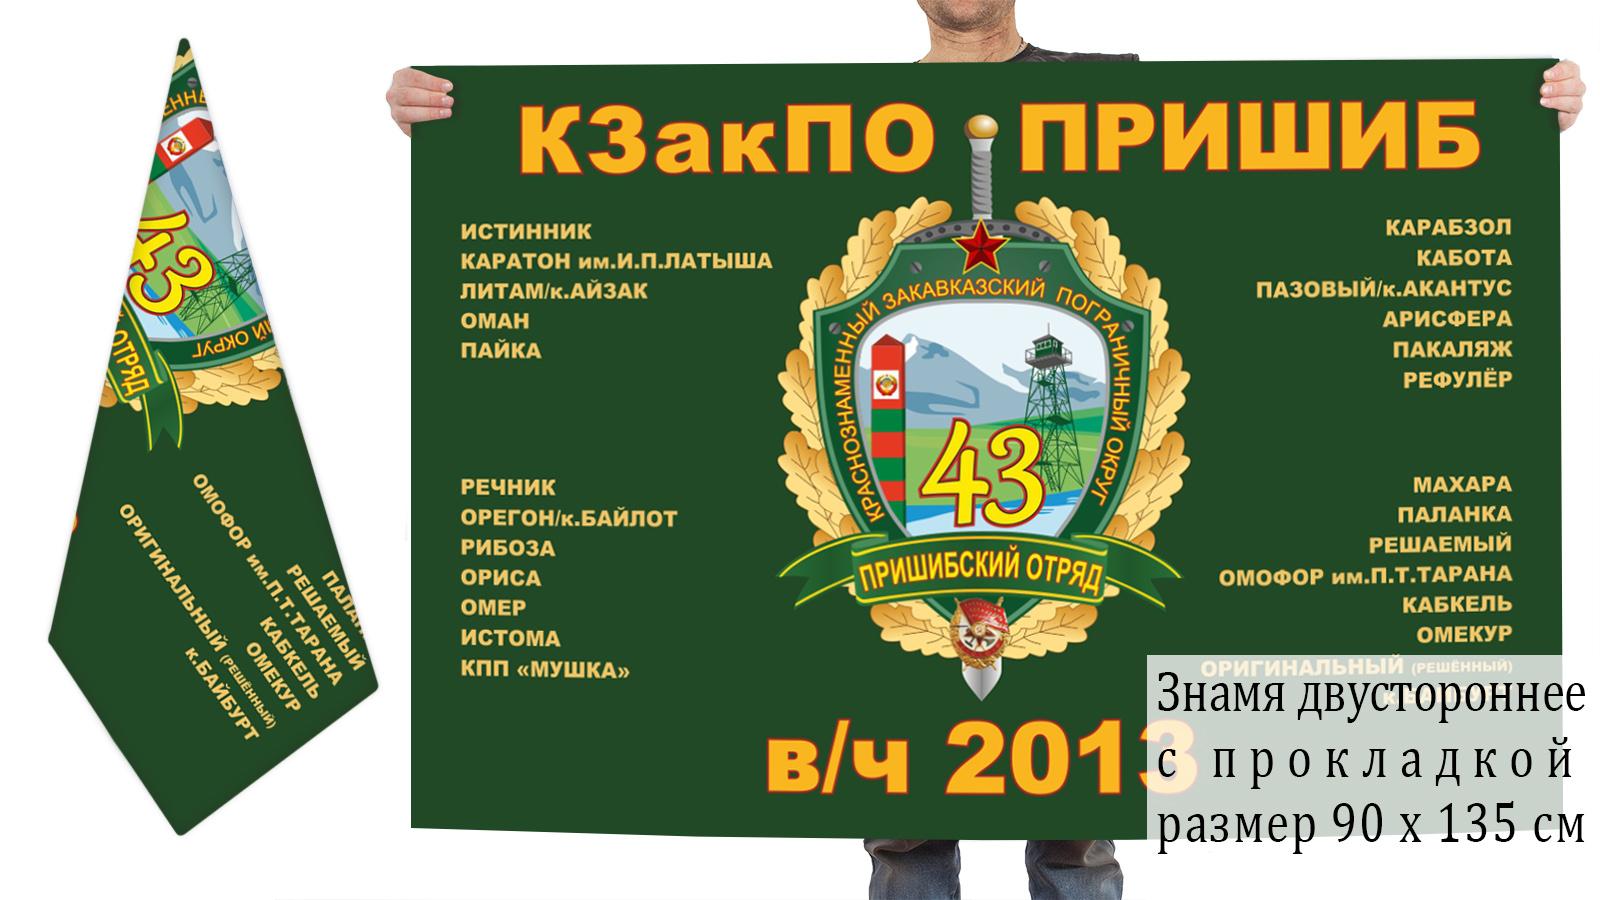 Двусторонний флаг  43-й Пришибский пограничный отряд КЗакПО